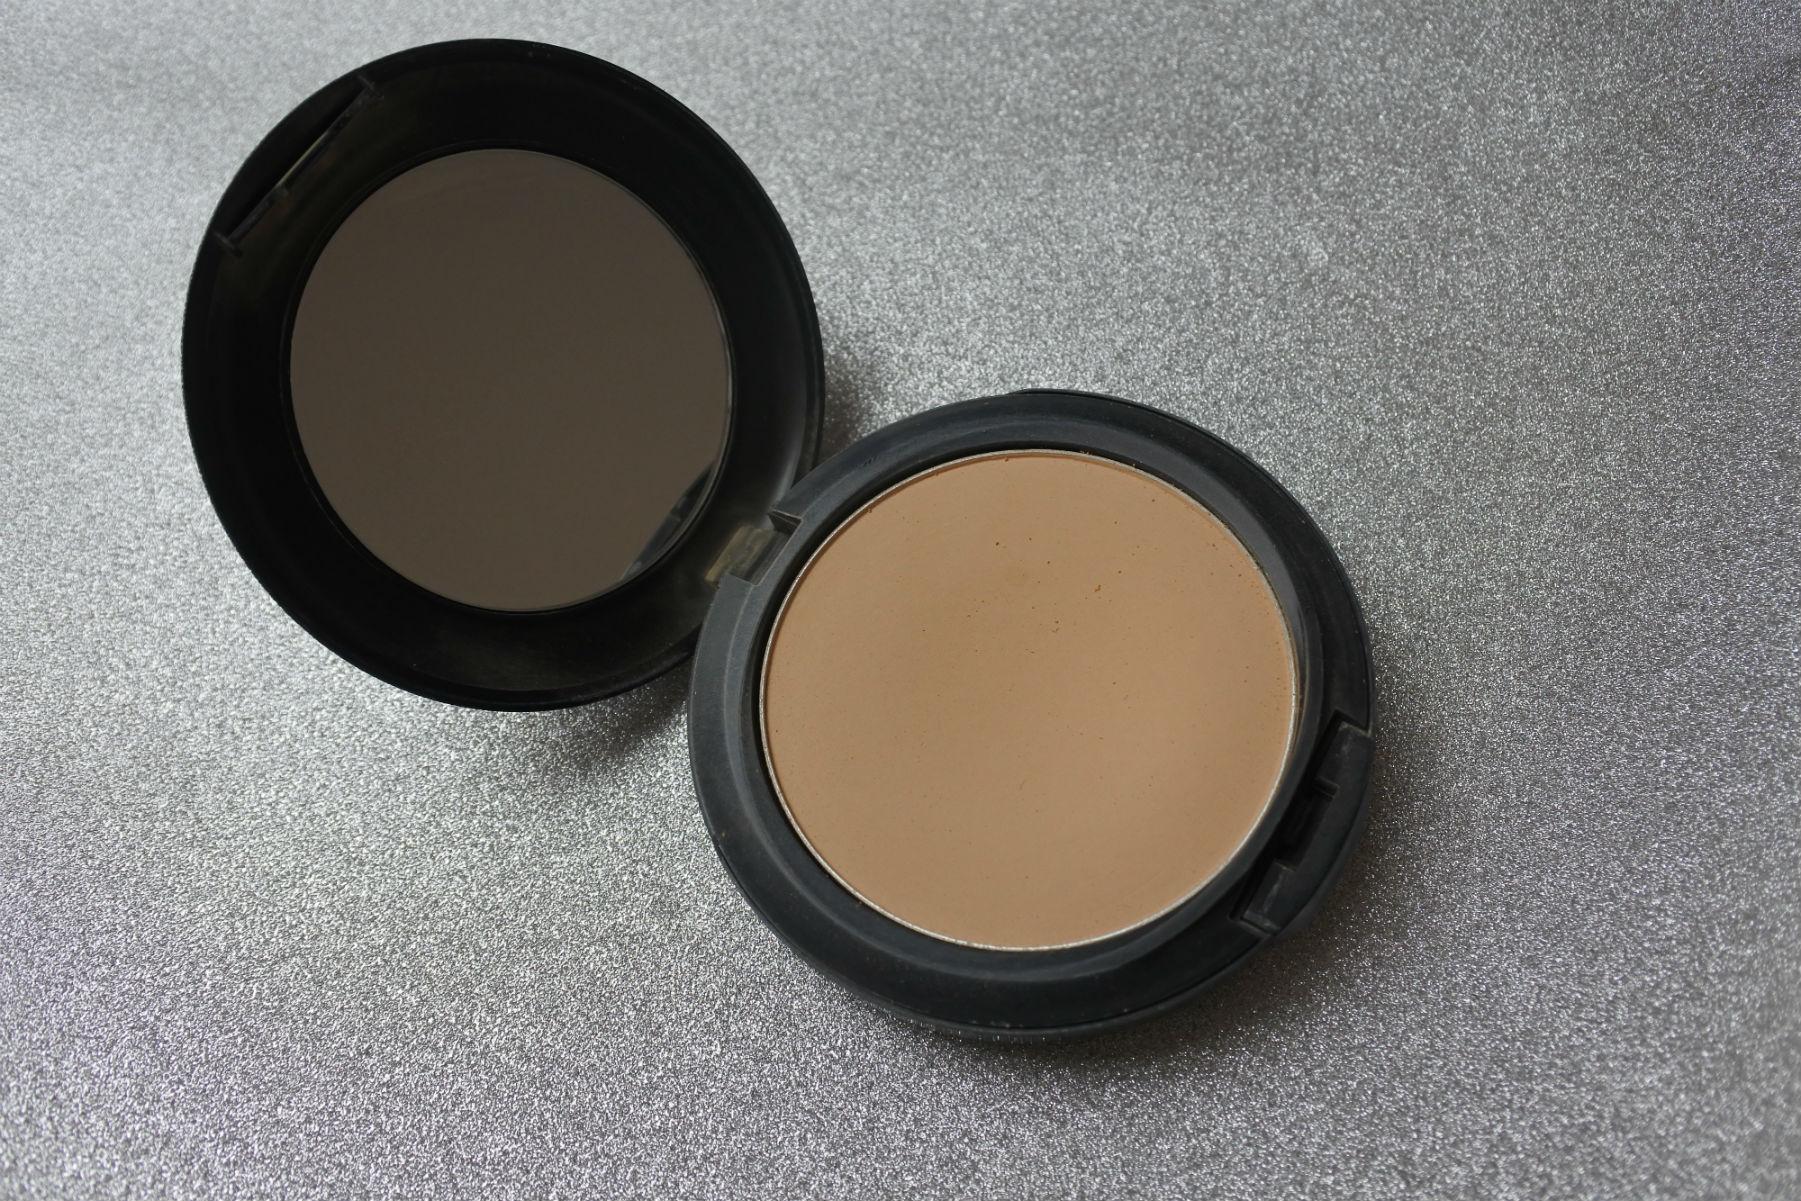 makeup, uundværligt, foundation, pudder, beautyprodukter, beauty, skønhed